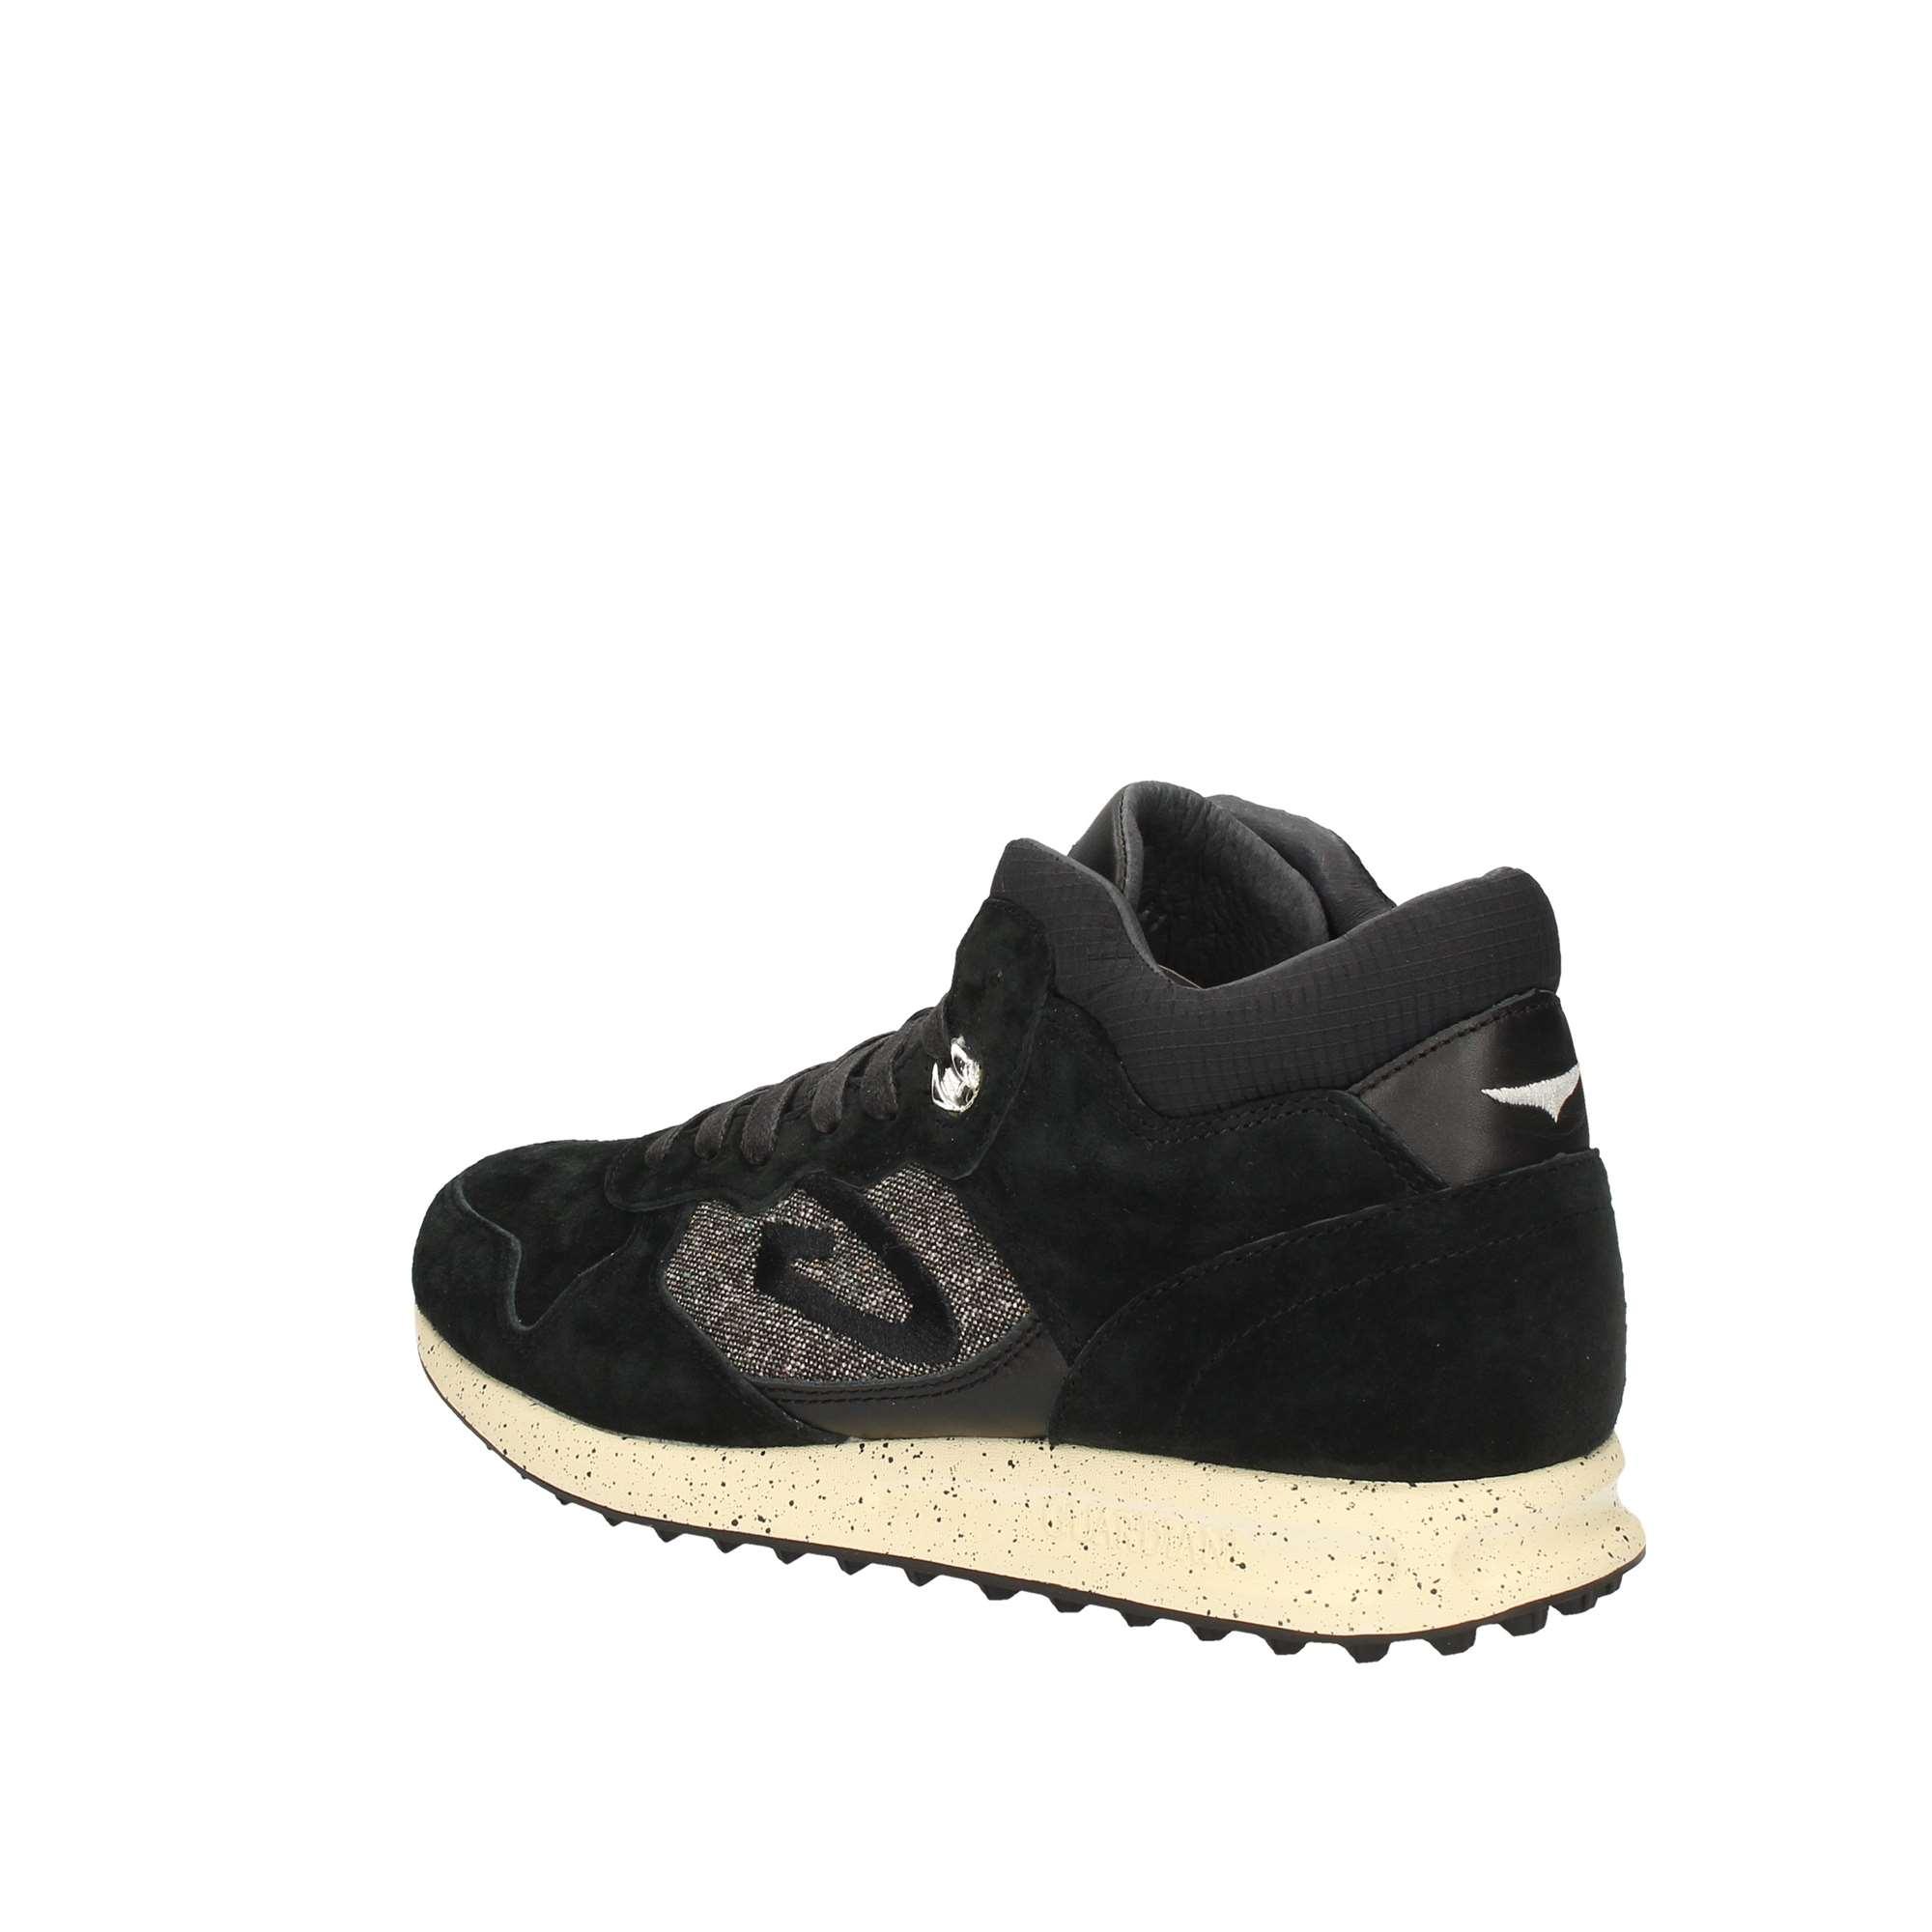 Alberto Guardiani inverno Uomo Nero Autunno Su77403d Sneakers 1H4qwx1O